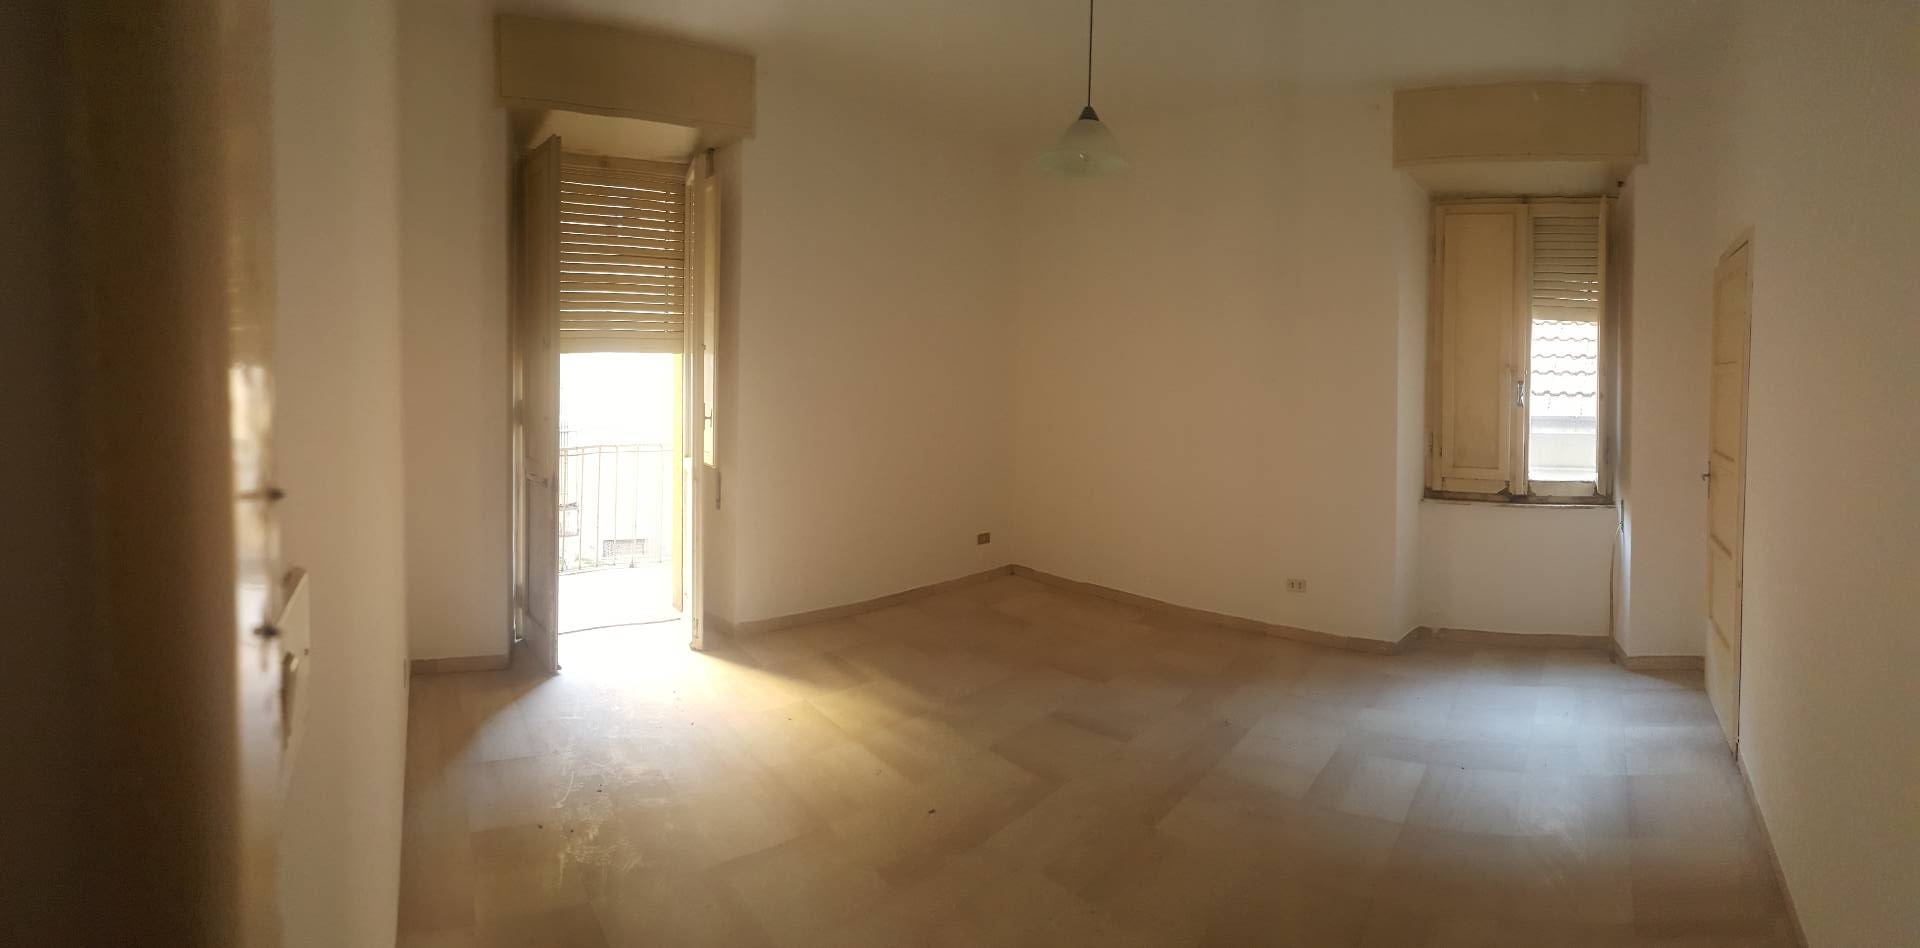 Appartamento in vendita a Ascoli Piceno, 3 locali, zona Località: CampoParignano, prezzo € 75.000 | CambioCasa.it